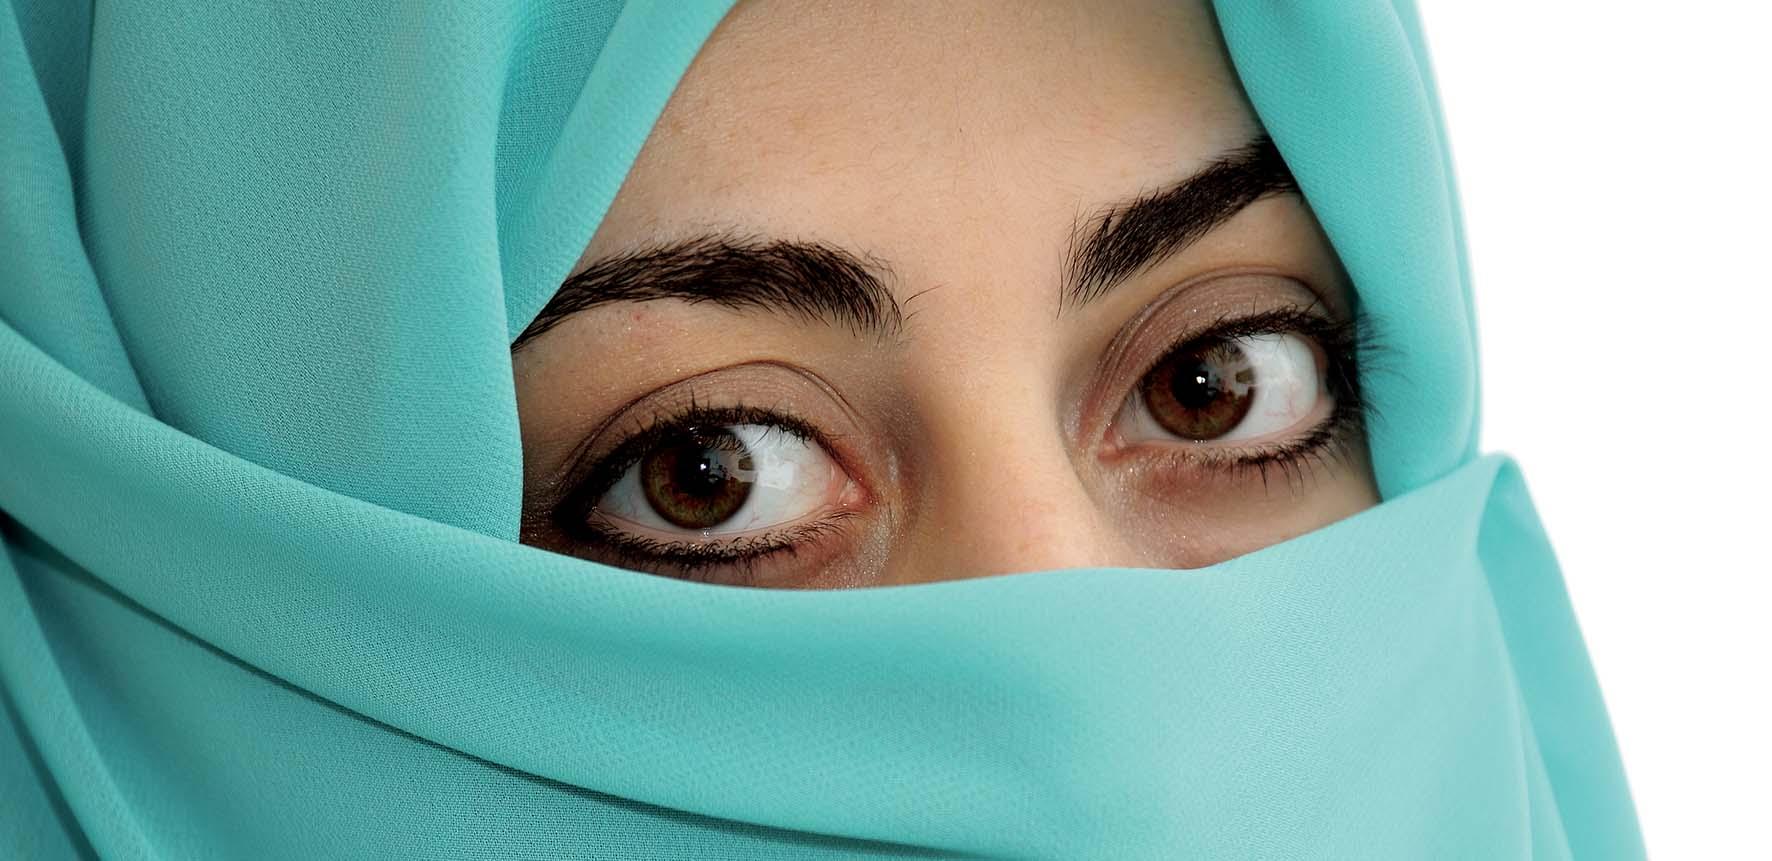 donna araba islam volto coperto